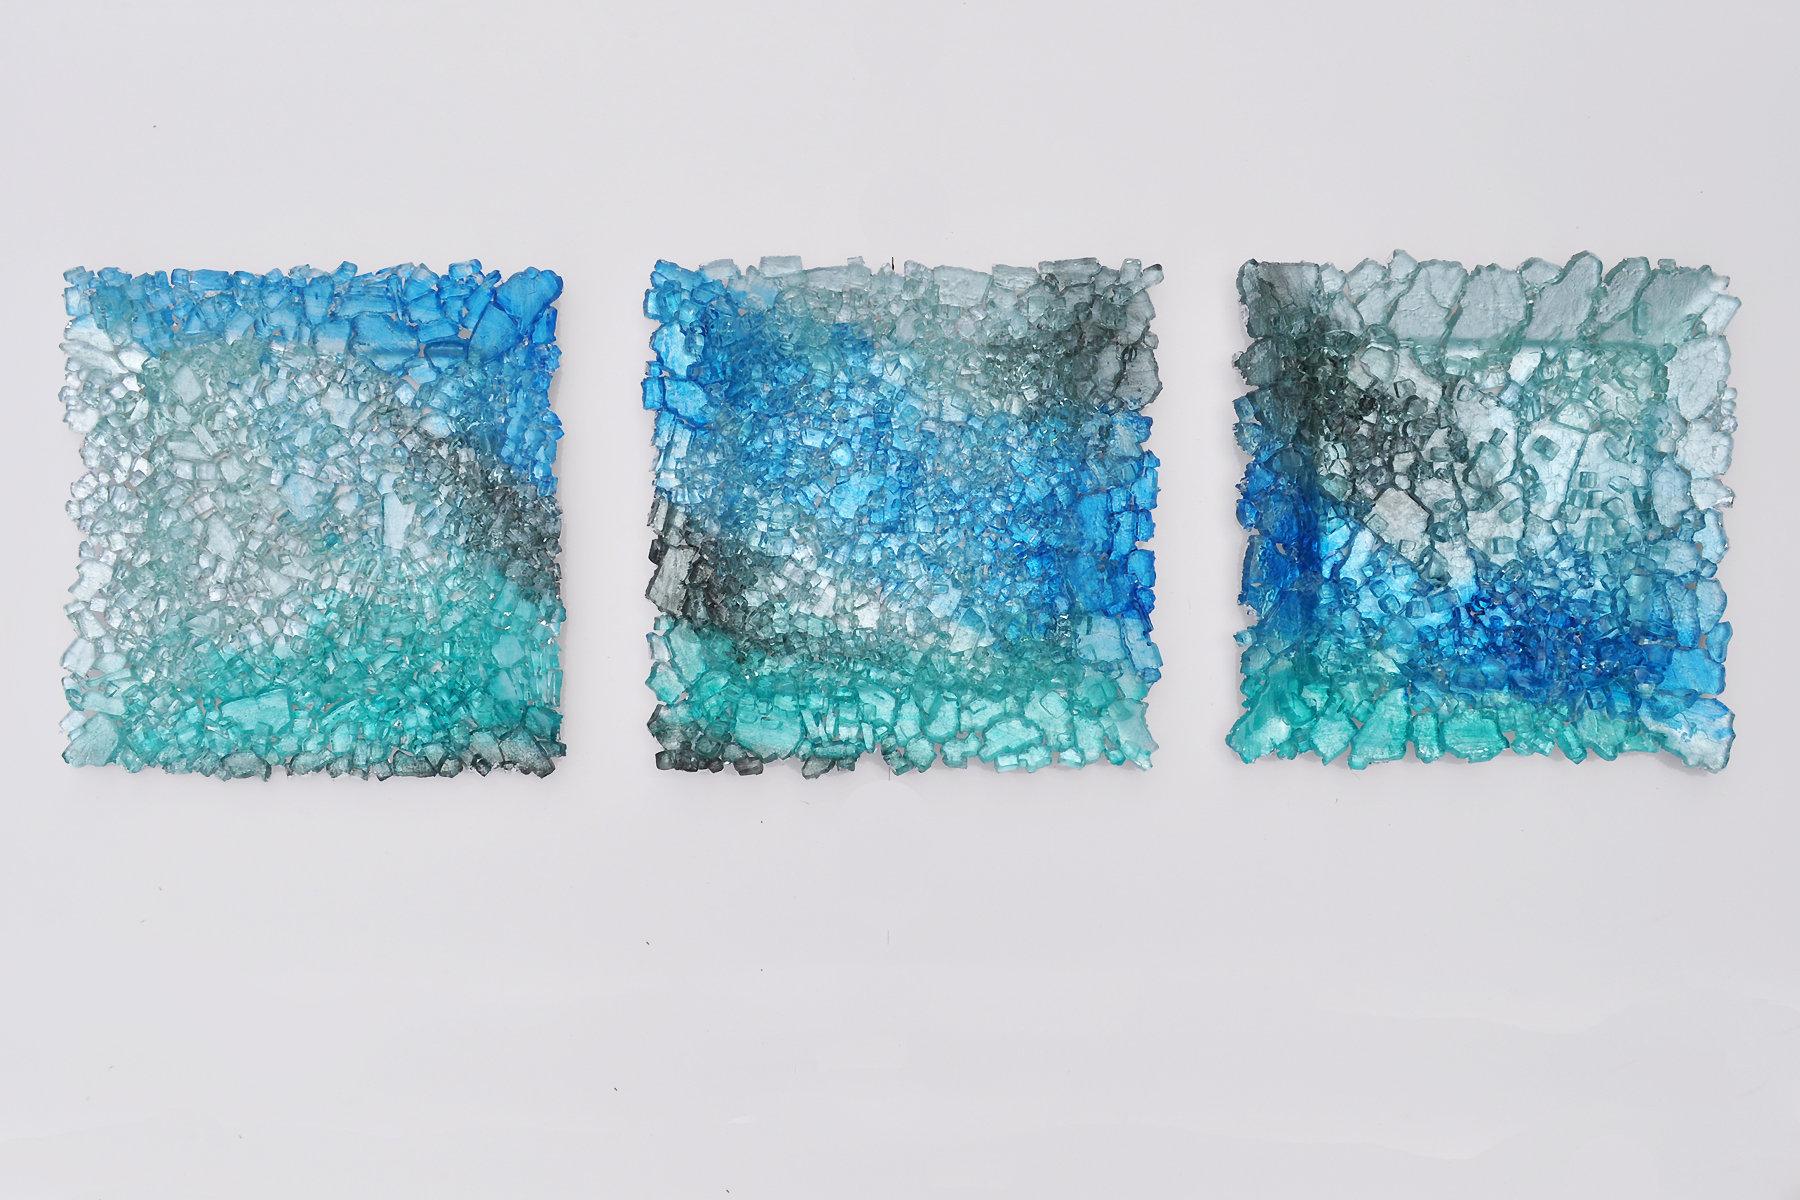 Glass_wall_art_l Jpg